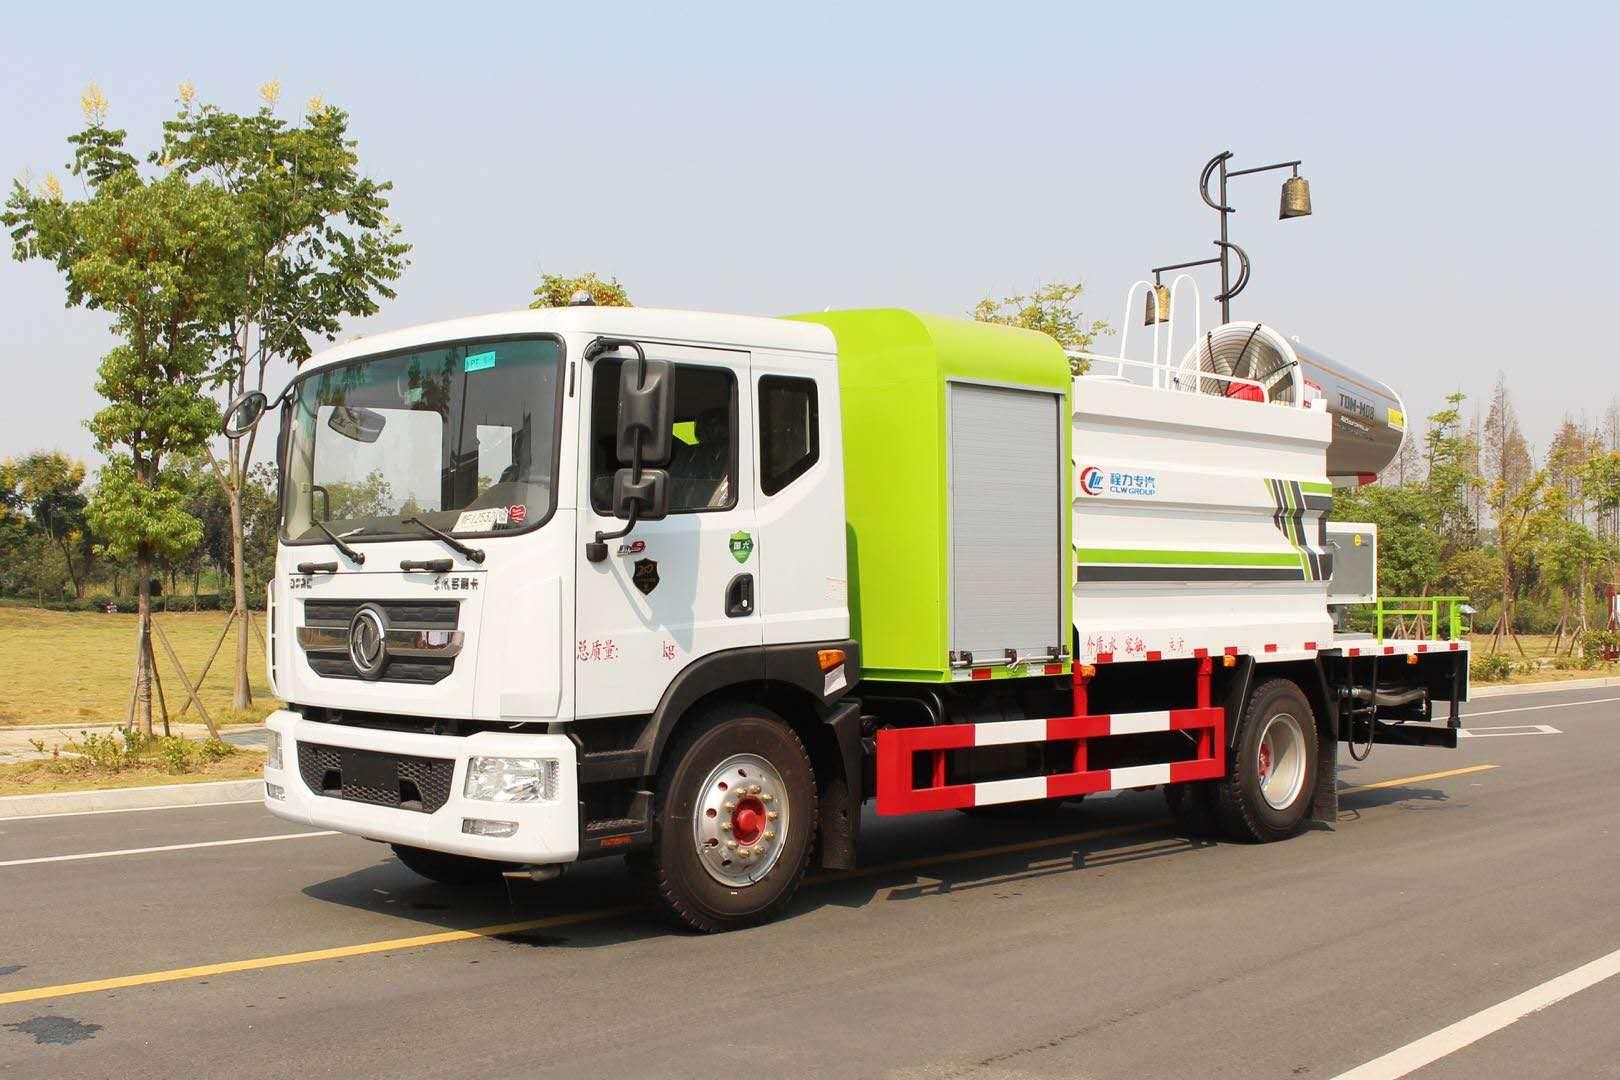 80米雾炮车东风大多利卡11吨抑尘车厂家操作视频视频